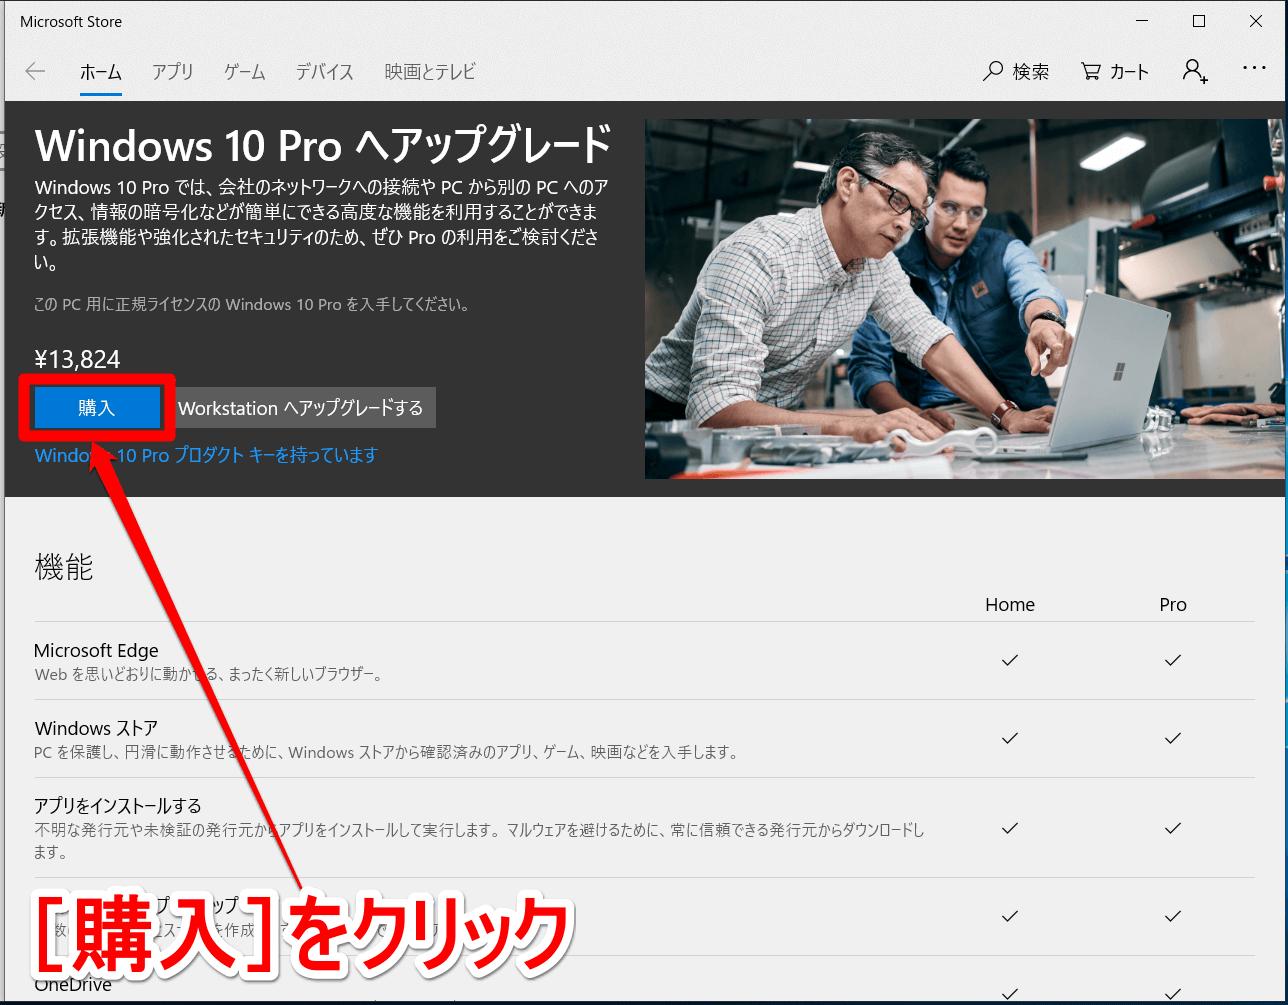 「Microsoft Store」の「Windows 10 Proへアップグレード」画面